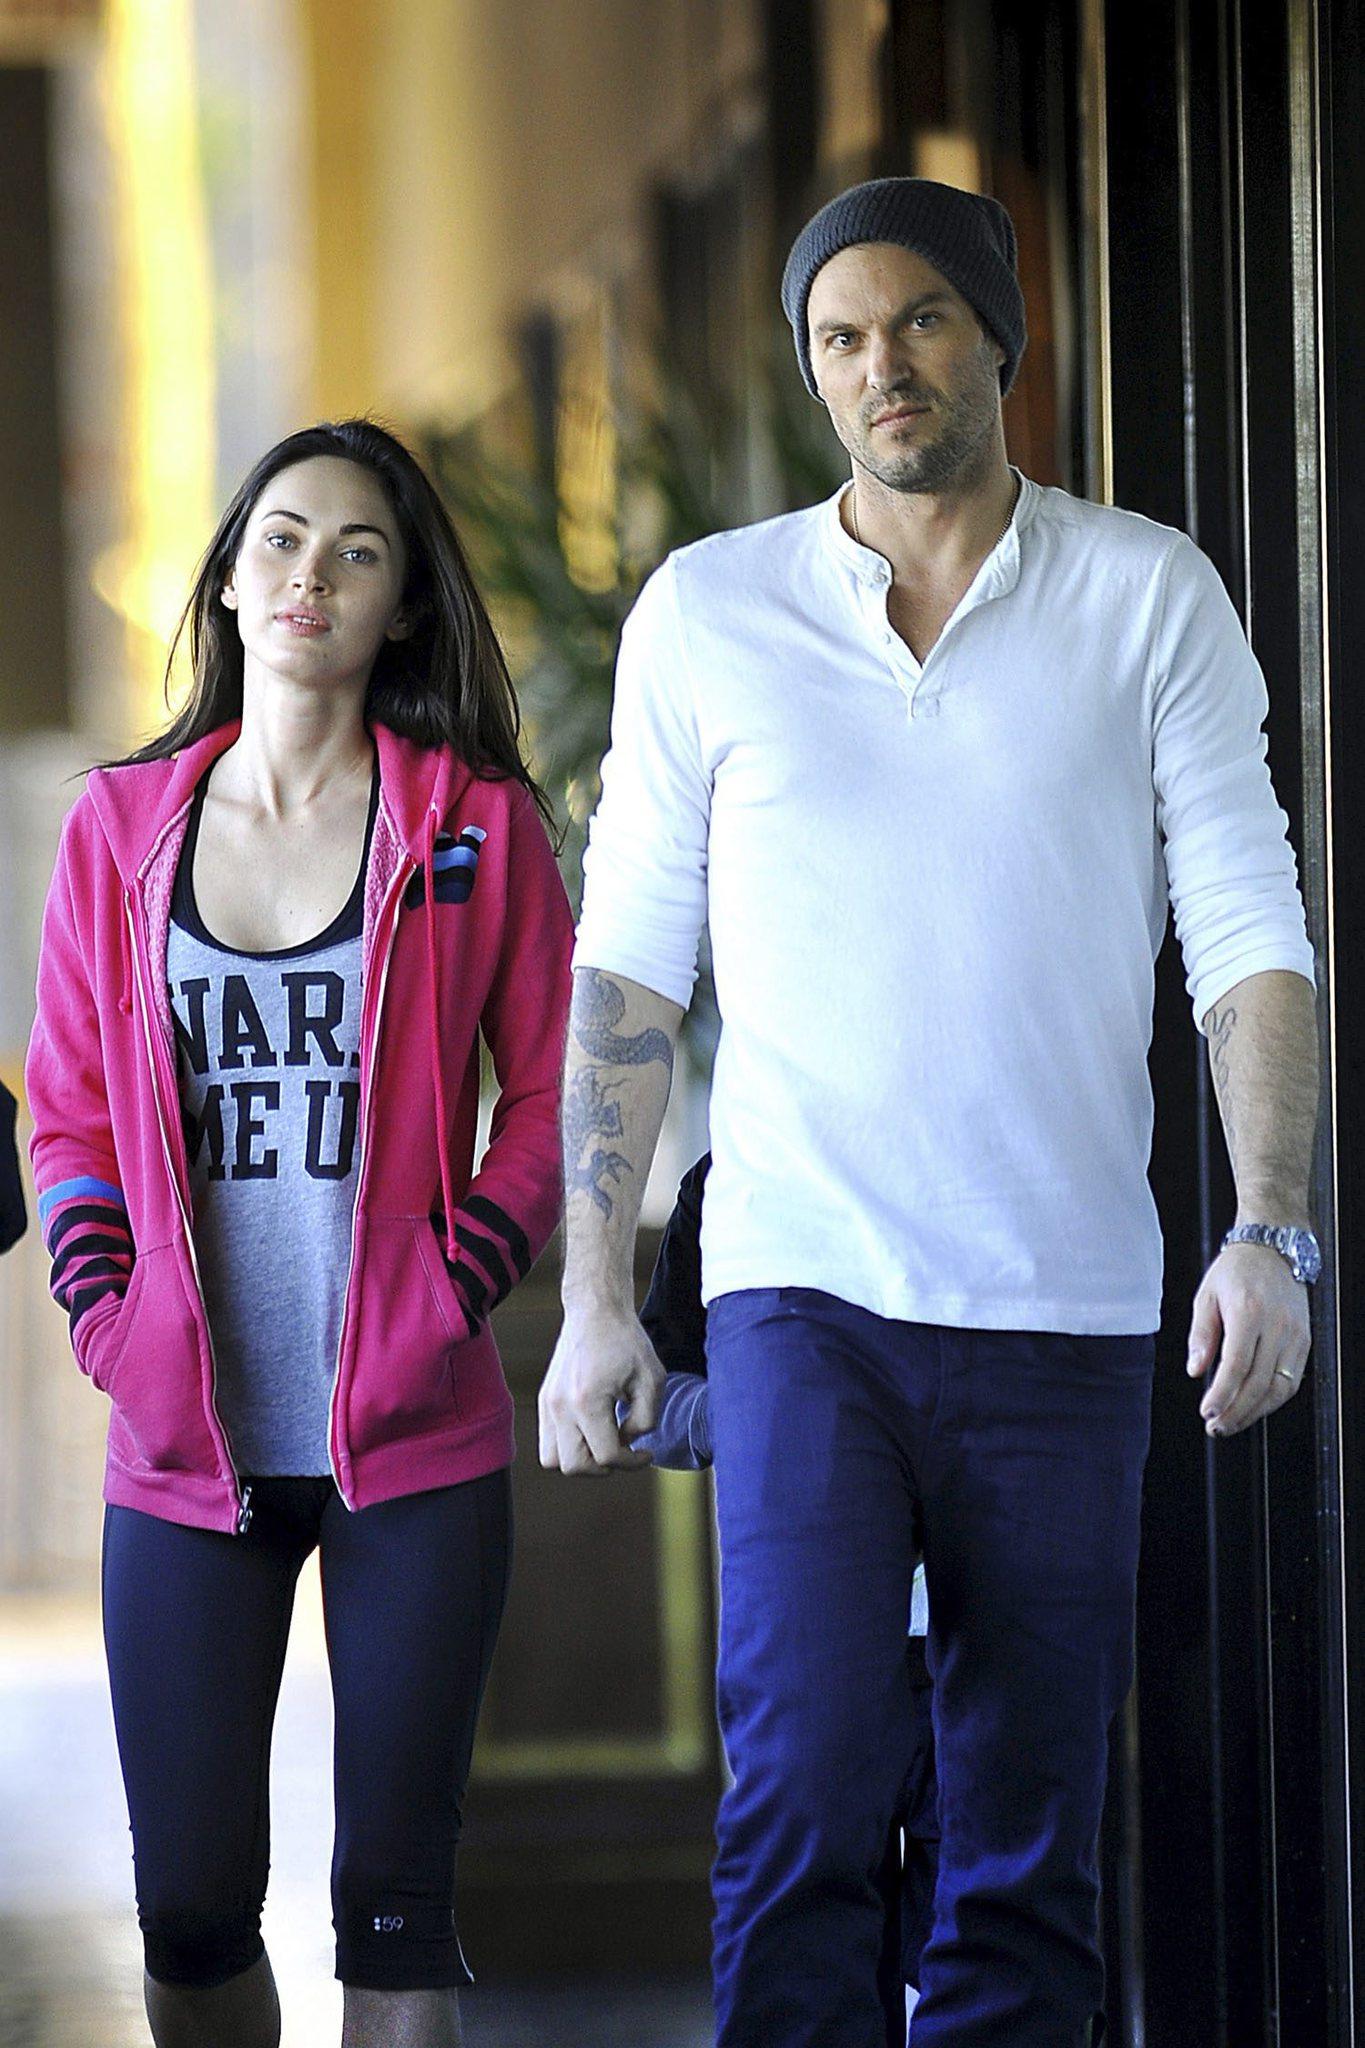 Ünlü oyuncu Megan Fox genç sevgilisi için yuvasını yıktı! Megan Fox ile Brian Austin Green boşanıyor!